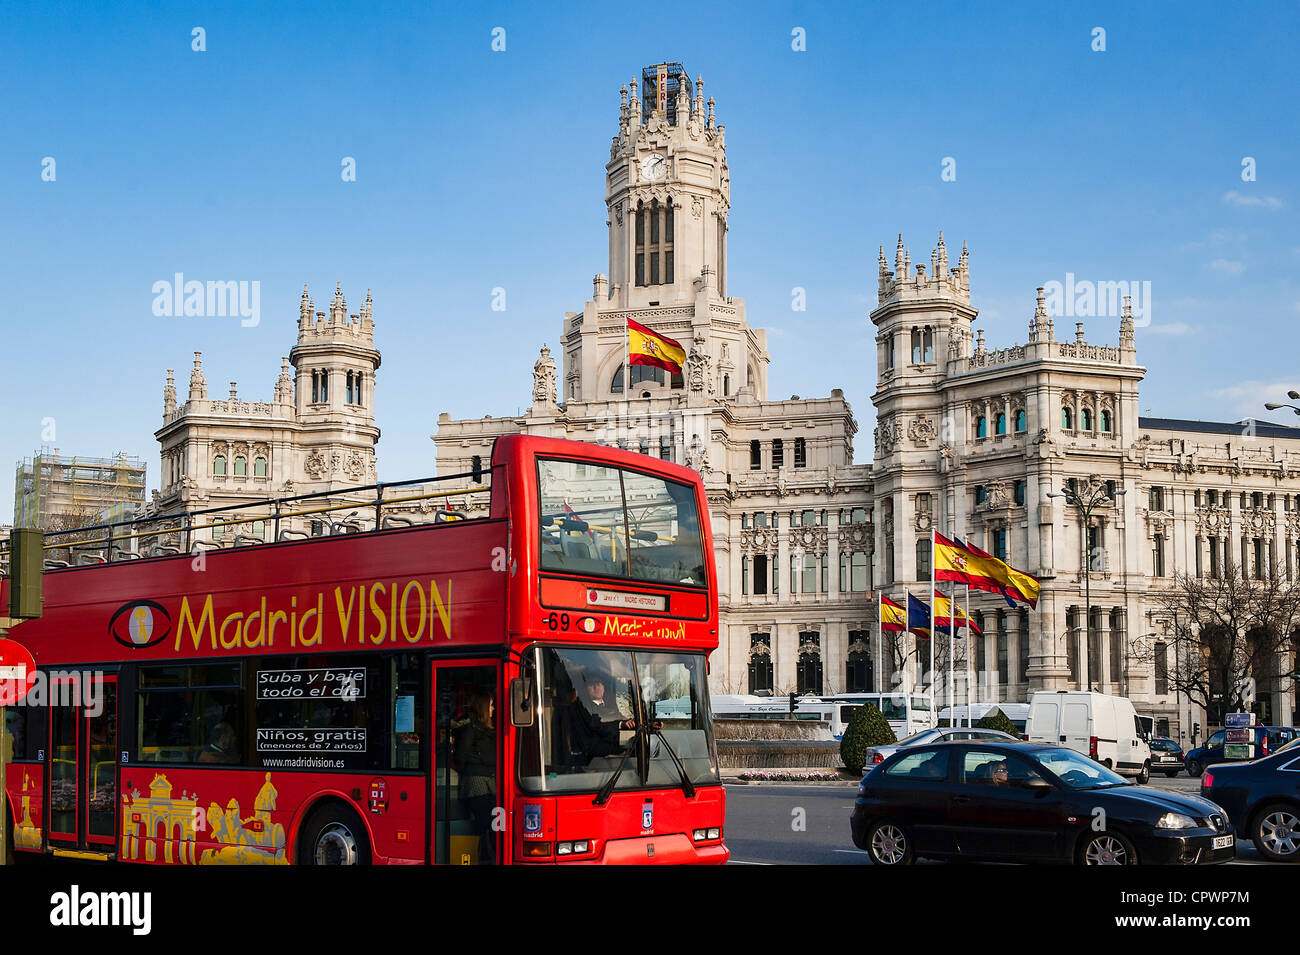 Visione di Madrid city tour bus a Plaza de Cibeles, Madrid, Spagna Immagini Stock